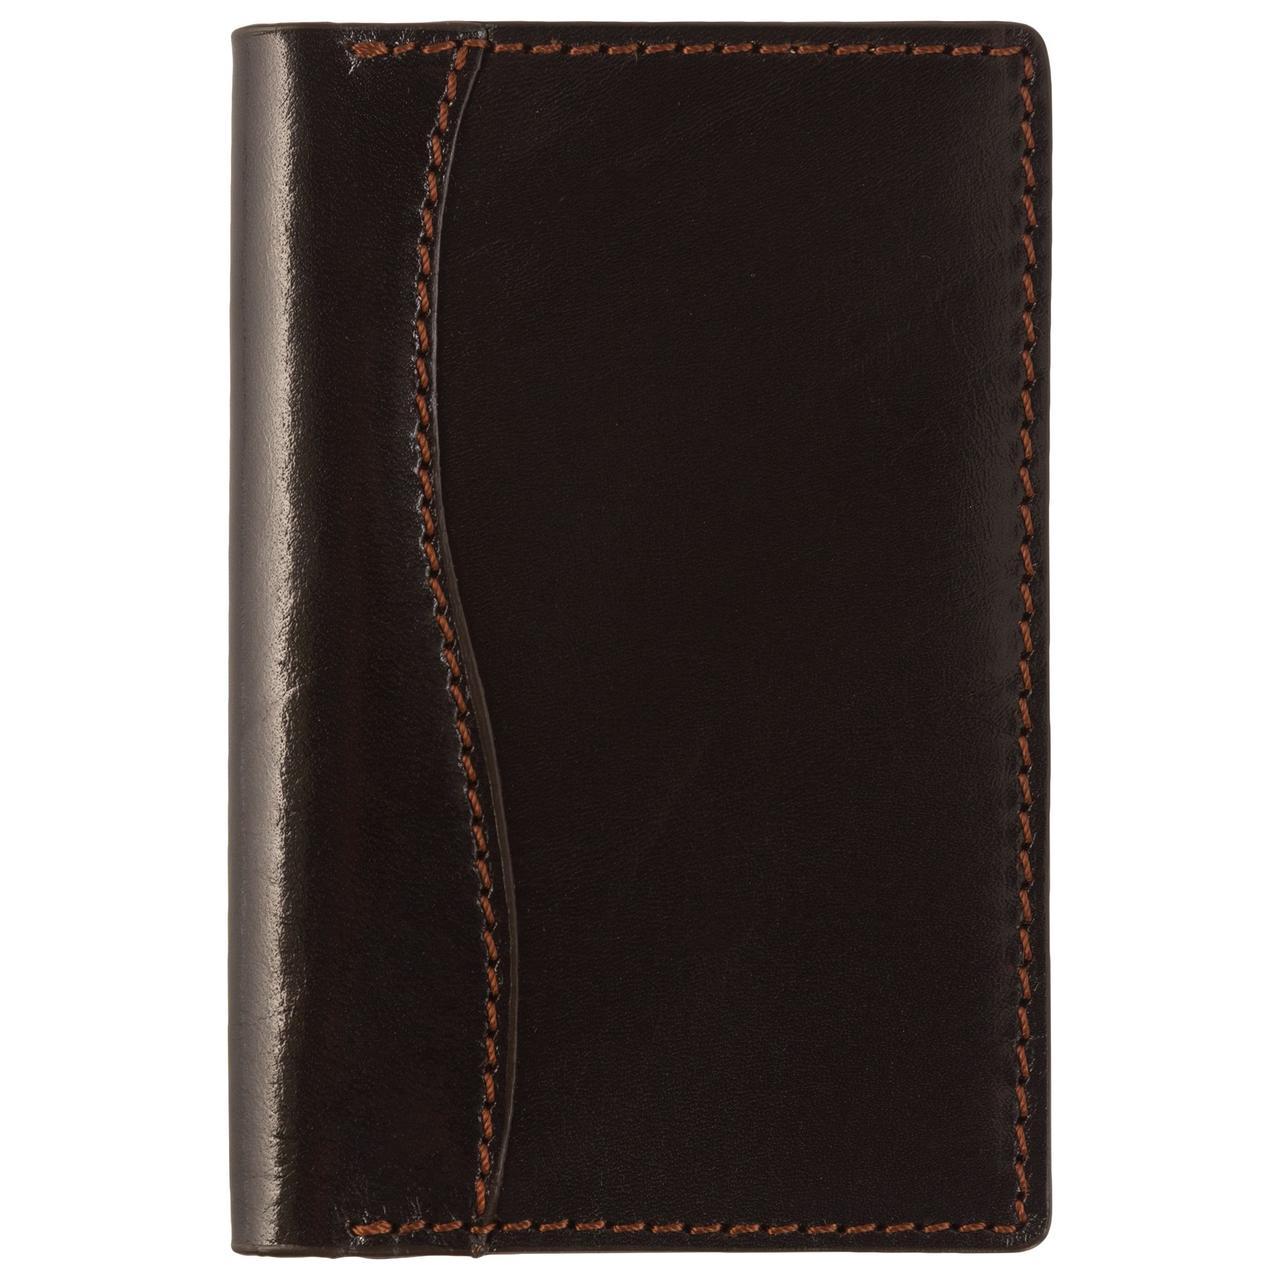 Обложка для паспорта Exclusive, коричневая